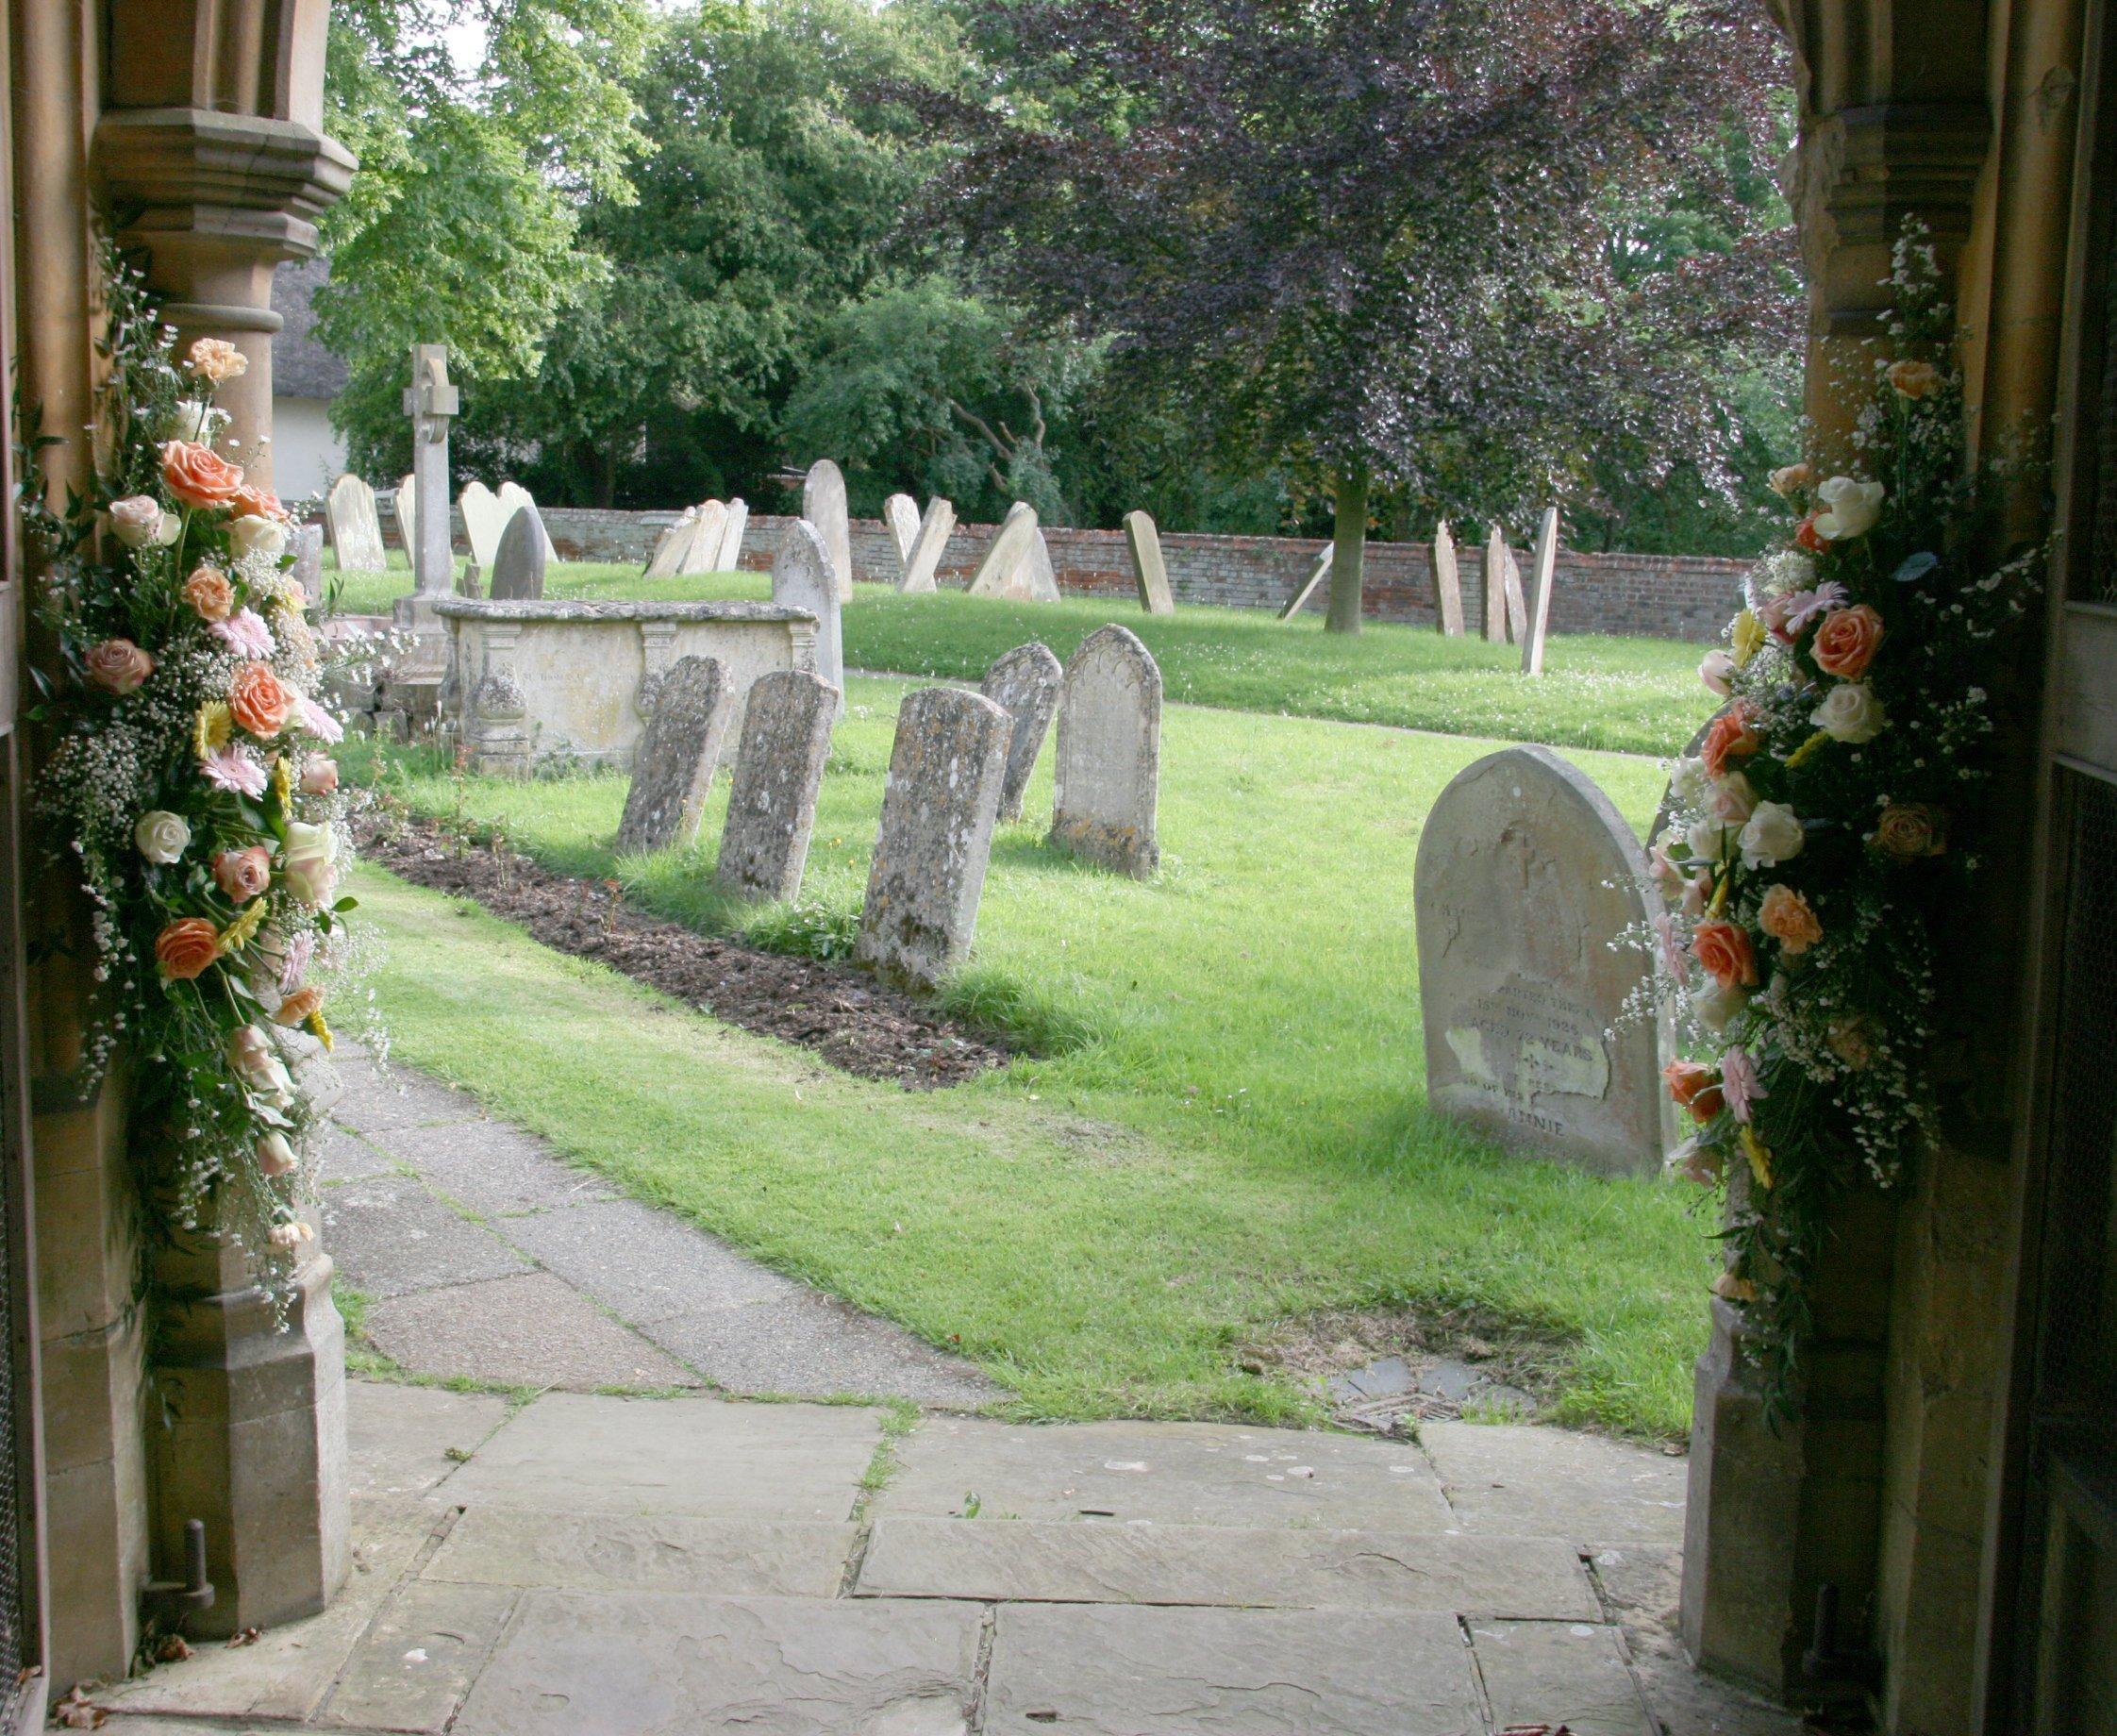 Church entrance wedding flowers